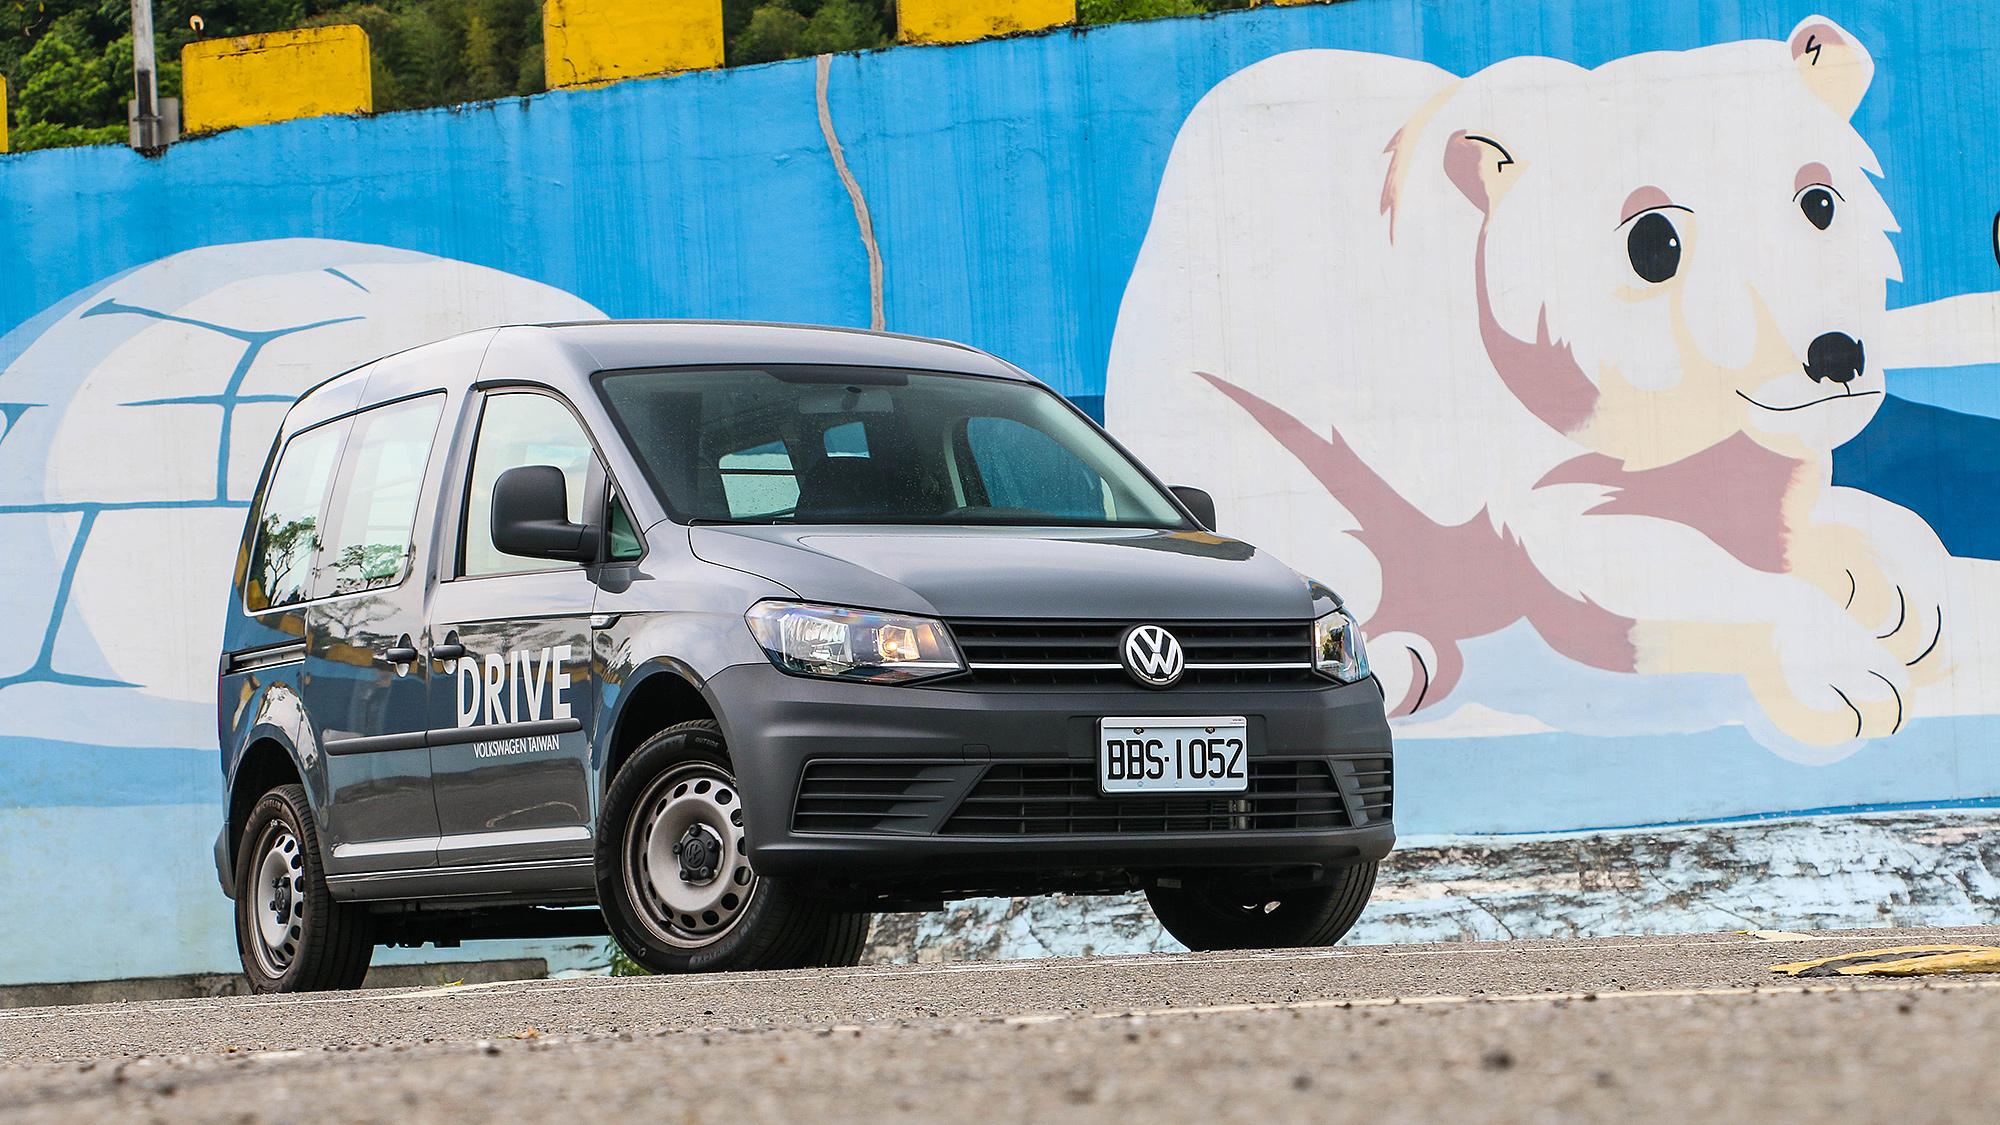 VWCV Caddy Van 1.4 TSI DSG 的魅力何在?讓業代不愁沒人買只愁沒車交